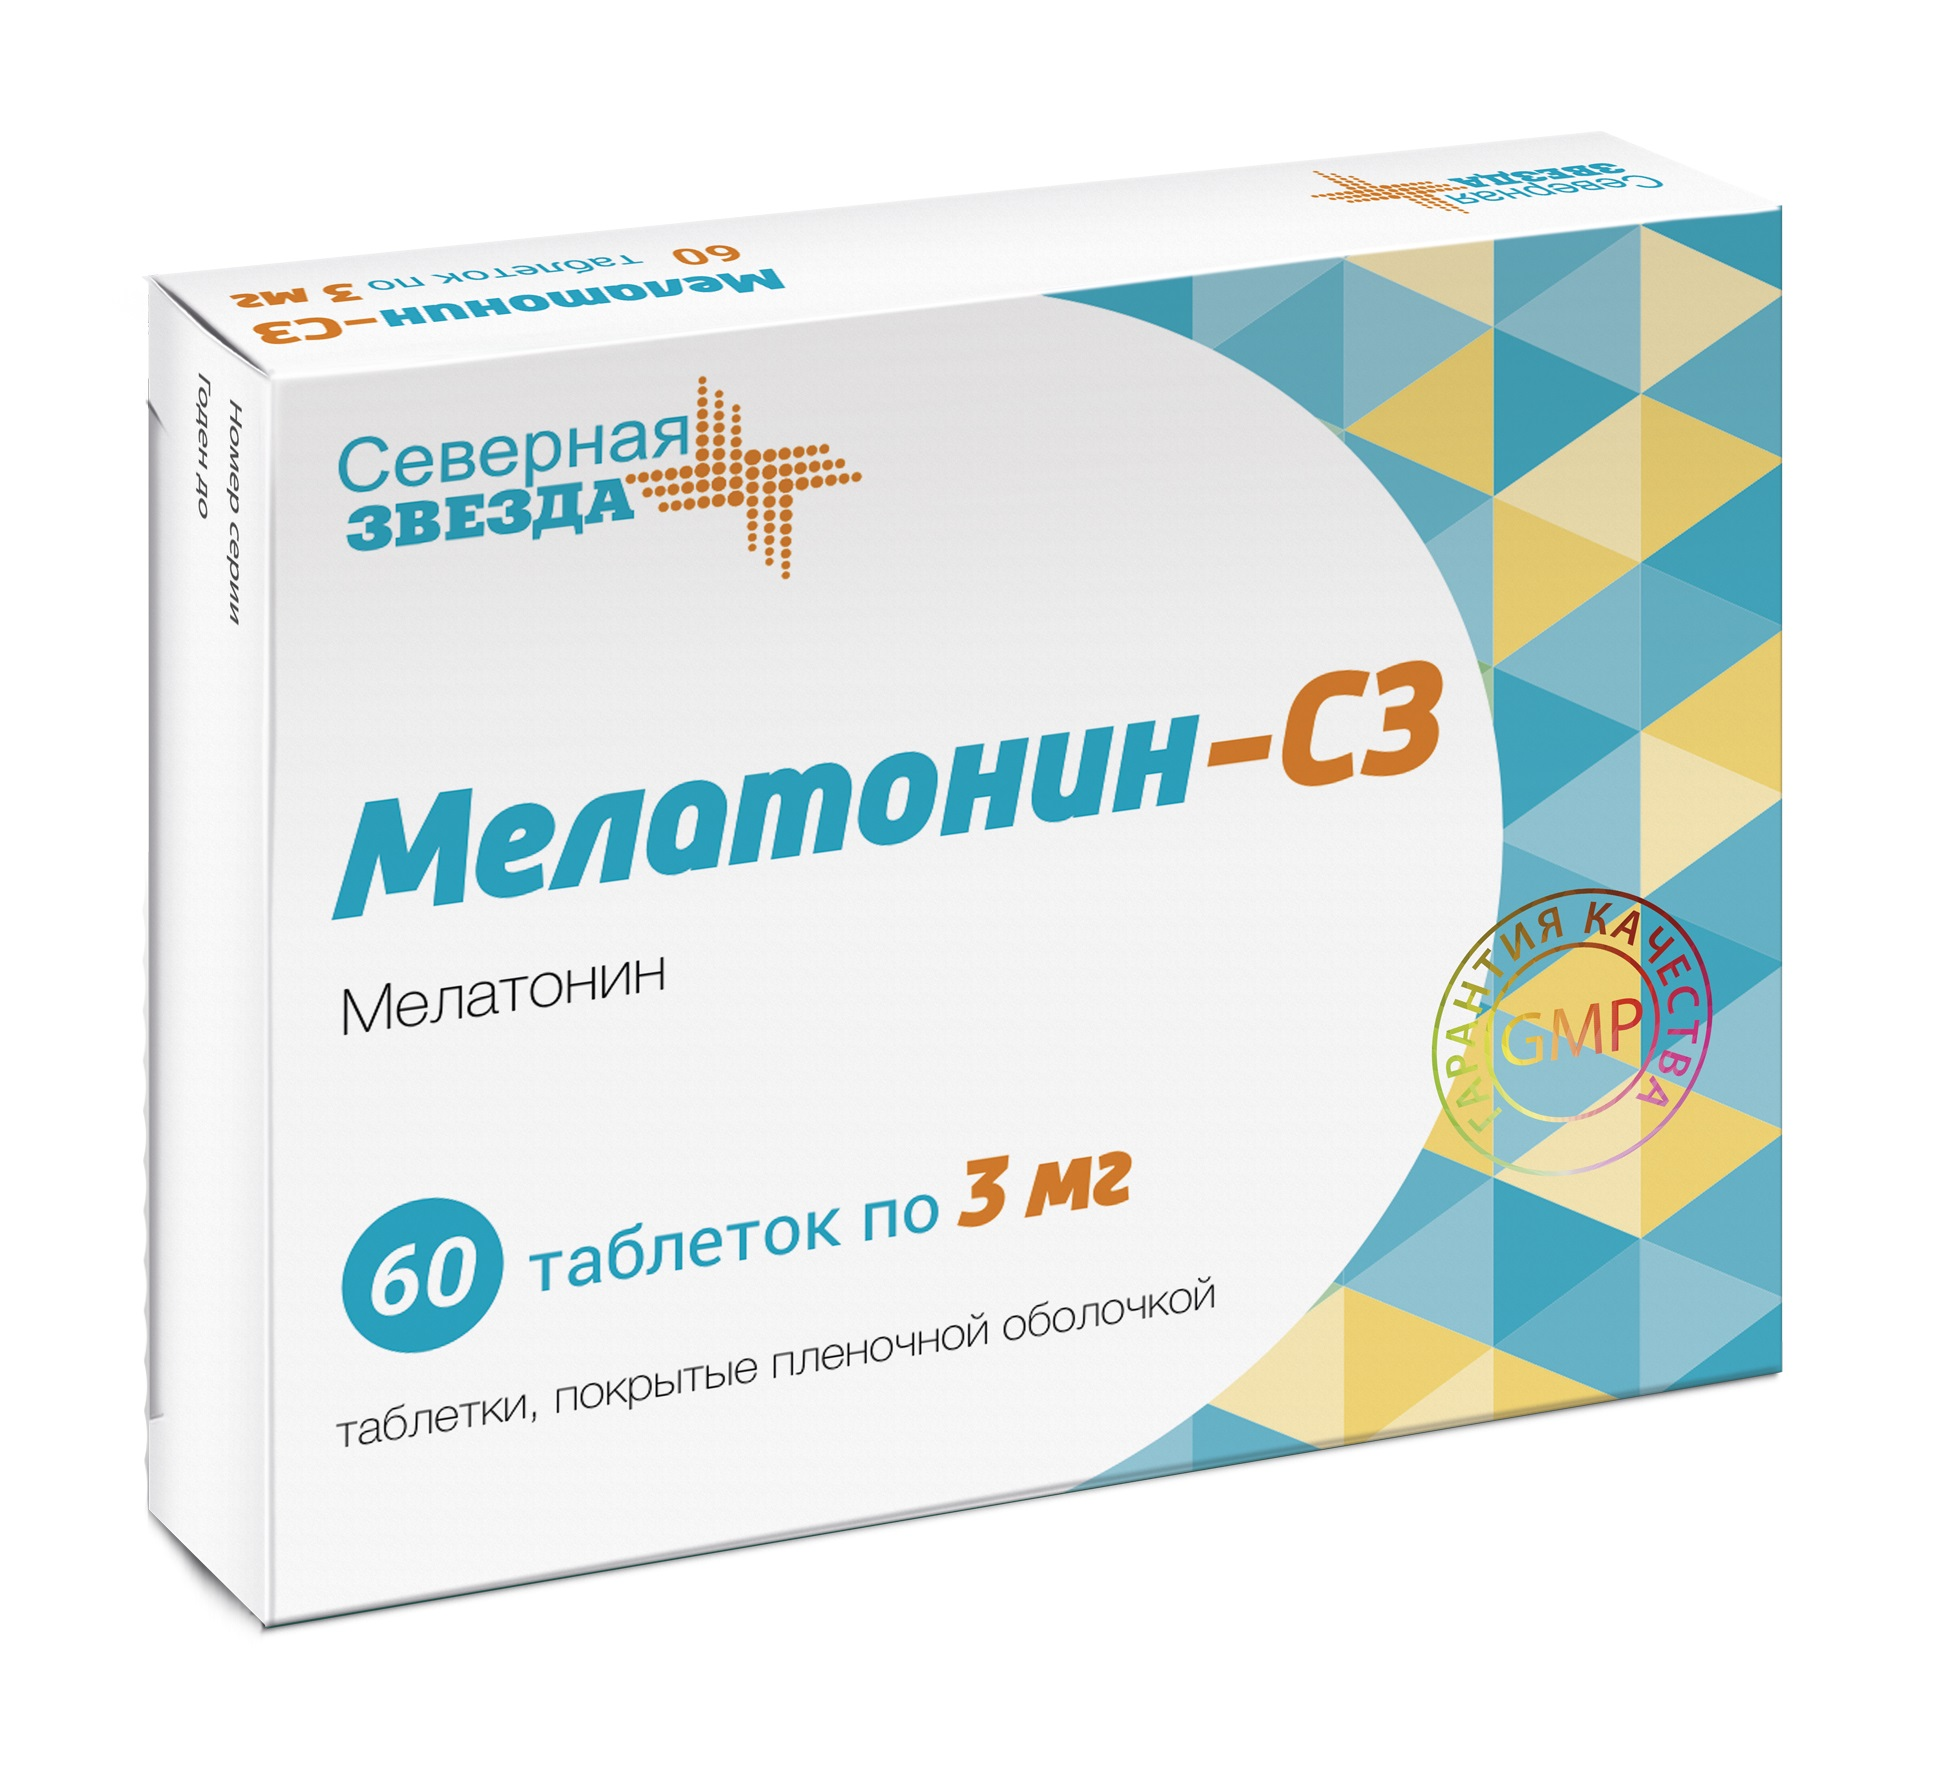 Мелатонин-СЗ табл. п.п.о. 3 мг №60